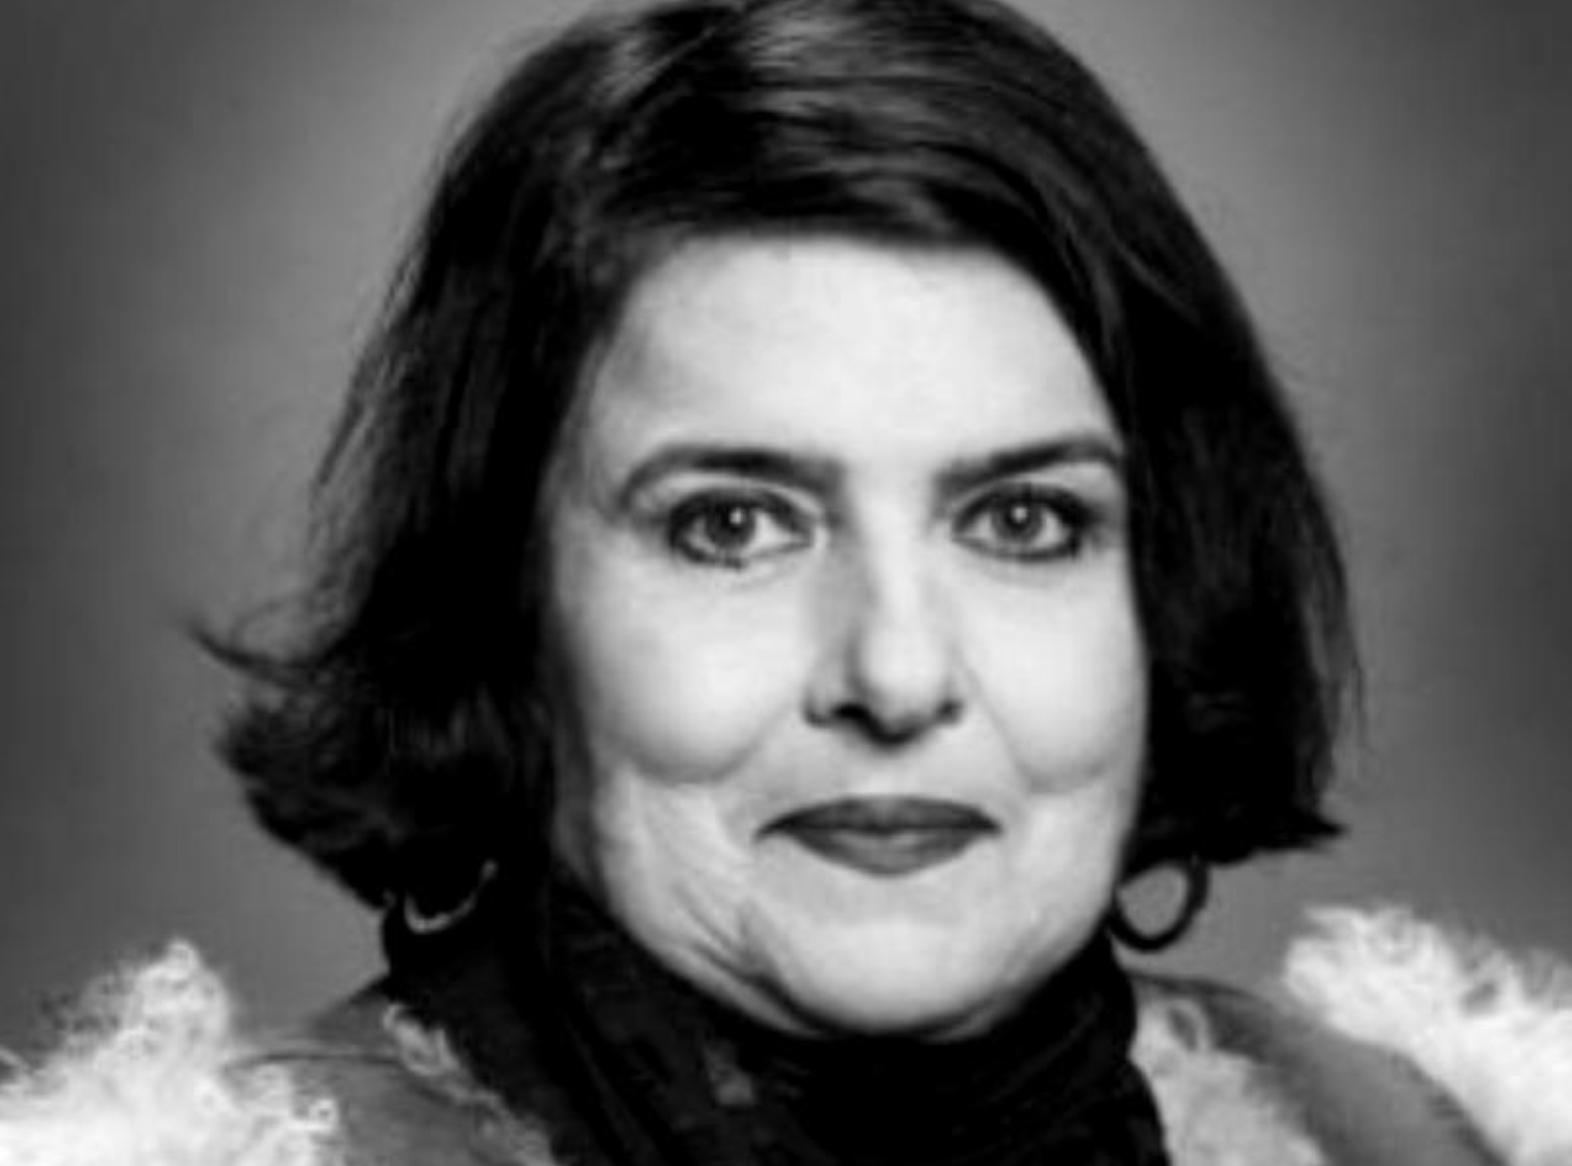 """A incetat din viața Florina Luican, fiica muzicianului Ion Luican: """"Cel mai trist lucru din lume…"""""""